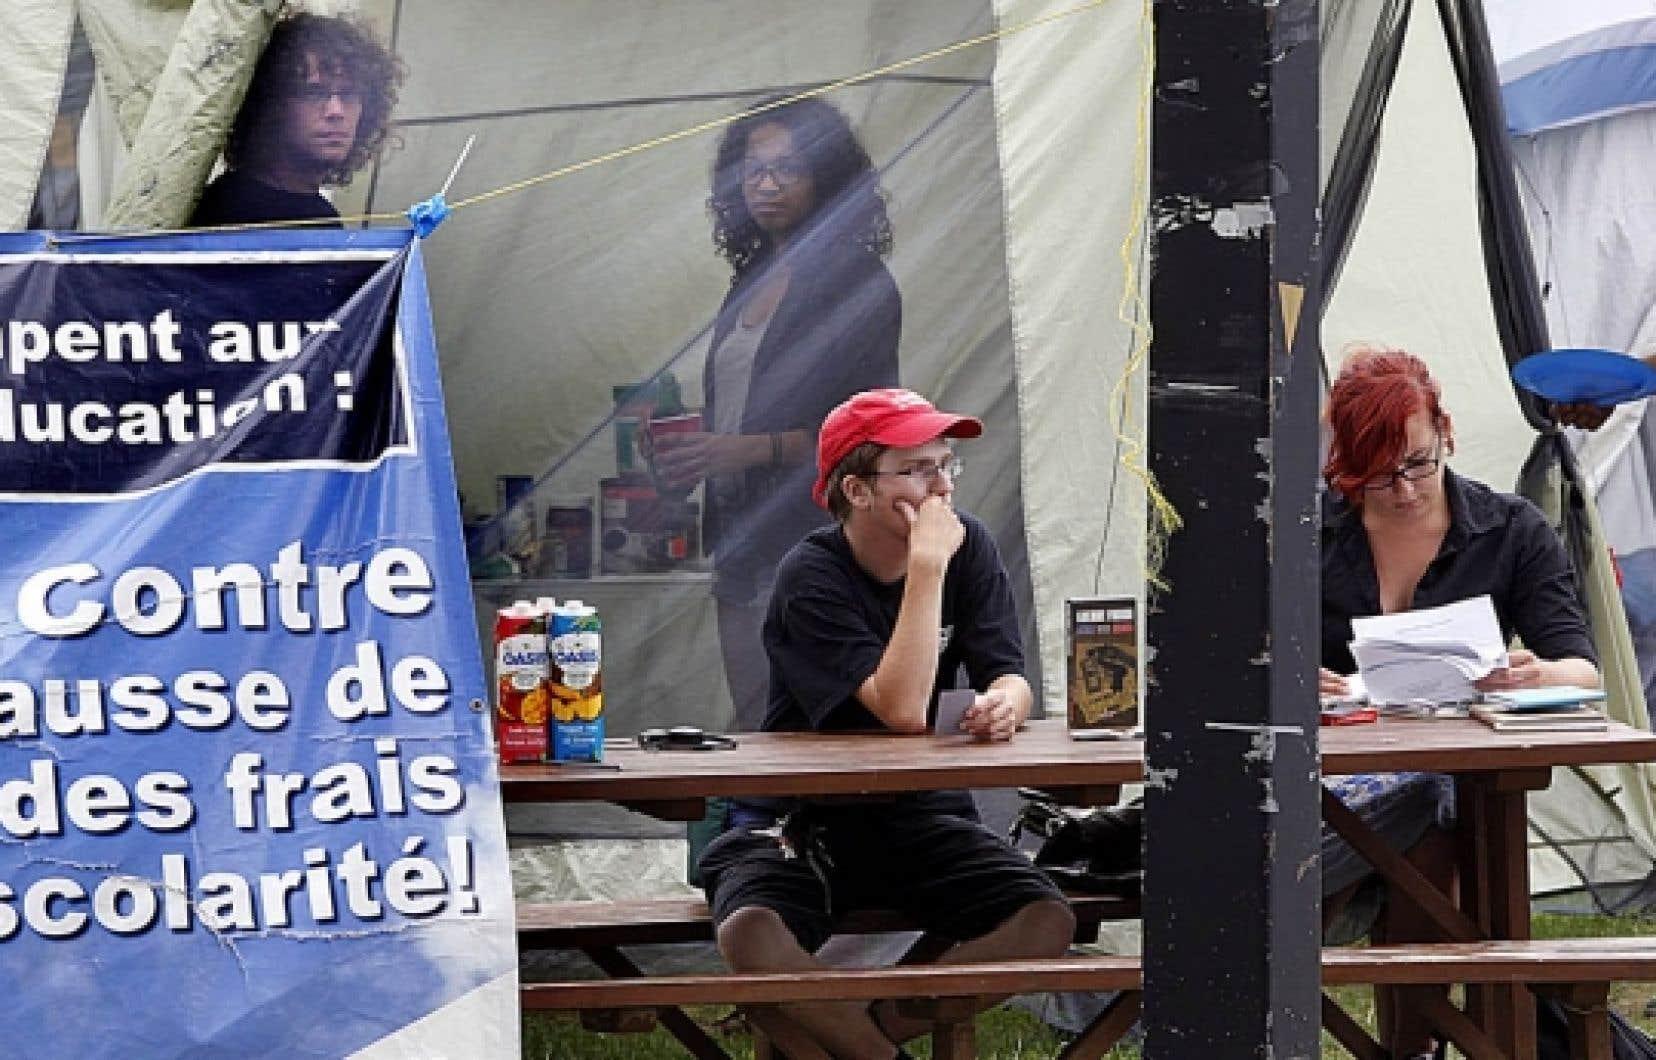 Contre la hausse des droits de scolarité L'été n'aura pas réussi à atténuer la colère des étudiants à l'égard de la hausse annoncée des droits de scolarité. Après avoir campé toutes les fins de semaine de la belle saison devant les bureaux du ministère de l'Éducation, rue Fullum, à Montréal, les étudiants préparent la contre-attaque de la rentrée. Ils intensifient cette semaine leur camping militant (notre photo) où ils recevront la visite de personnalités des milieux syndical et politique, tout en promettant un automne chaud, ponctué d'actions militantes et de manifestations.